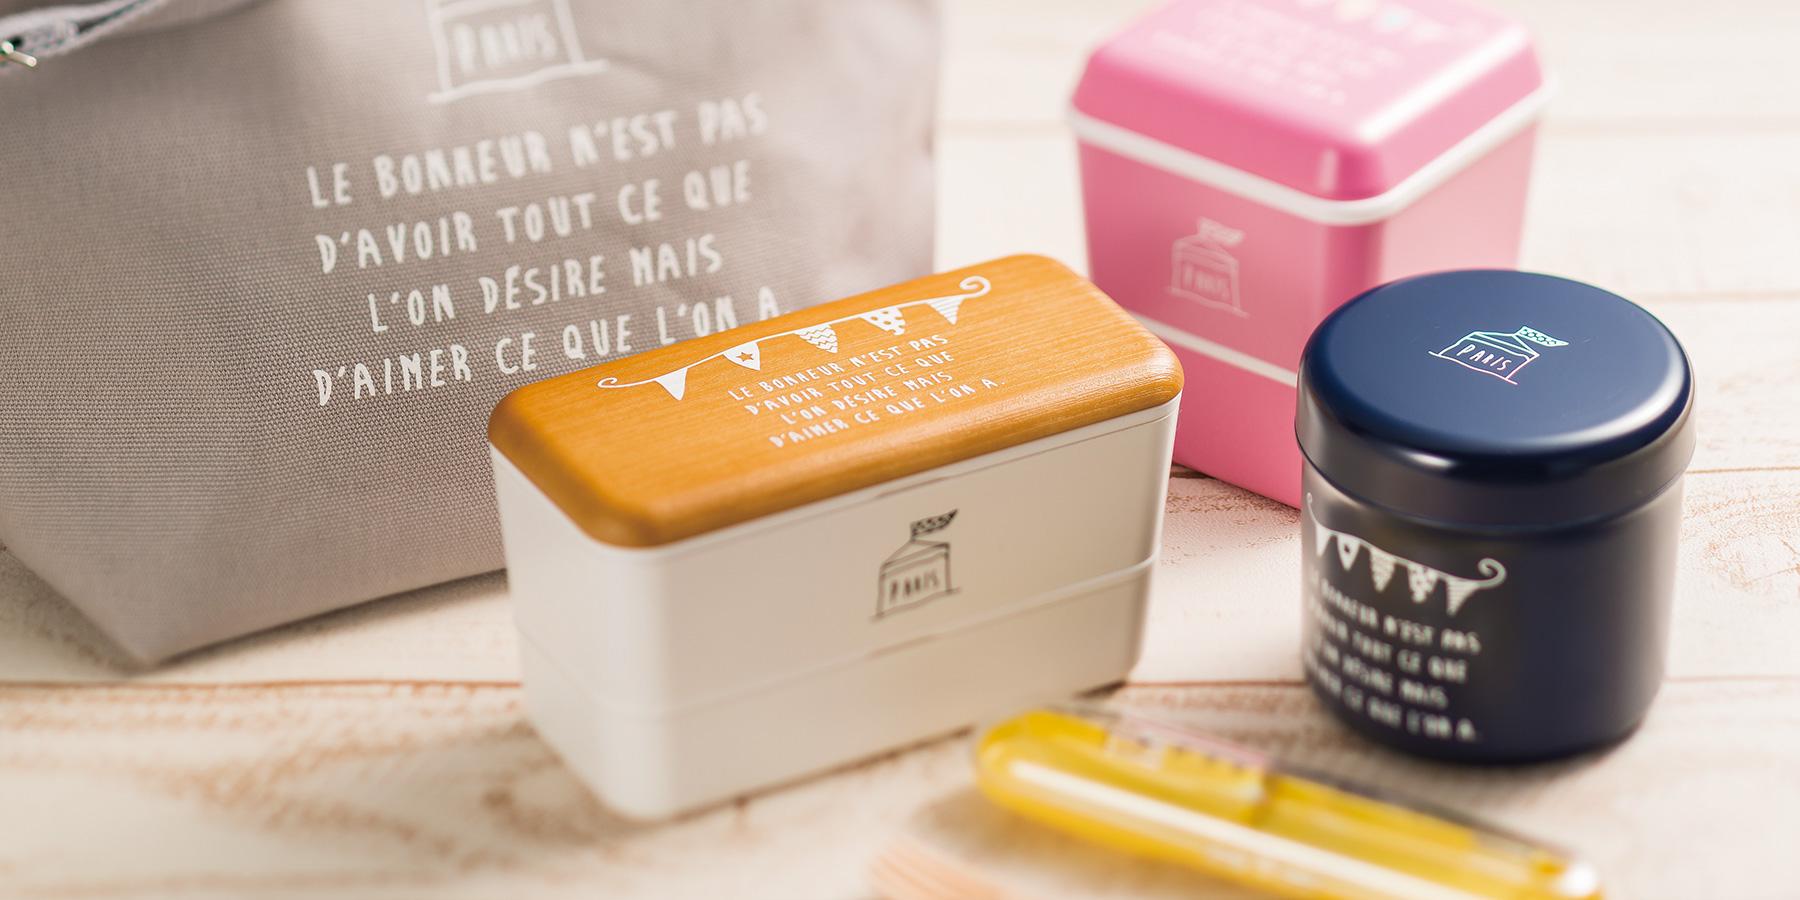 お弁当箱 2段 ランチボックス レンジ対応 食洗機対応 PARIS 長角ネストランチ ガーランド